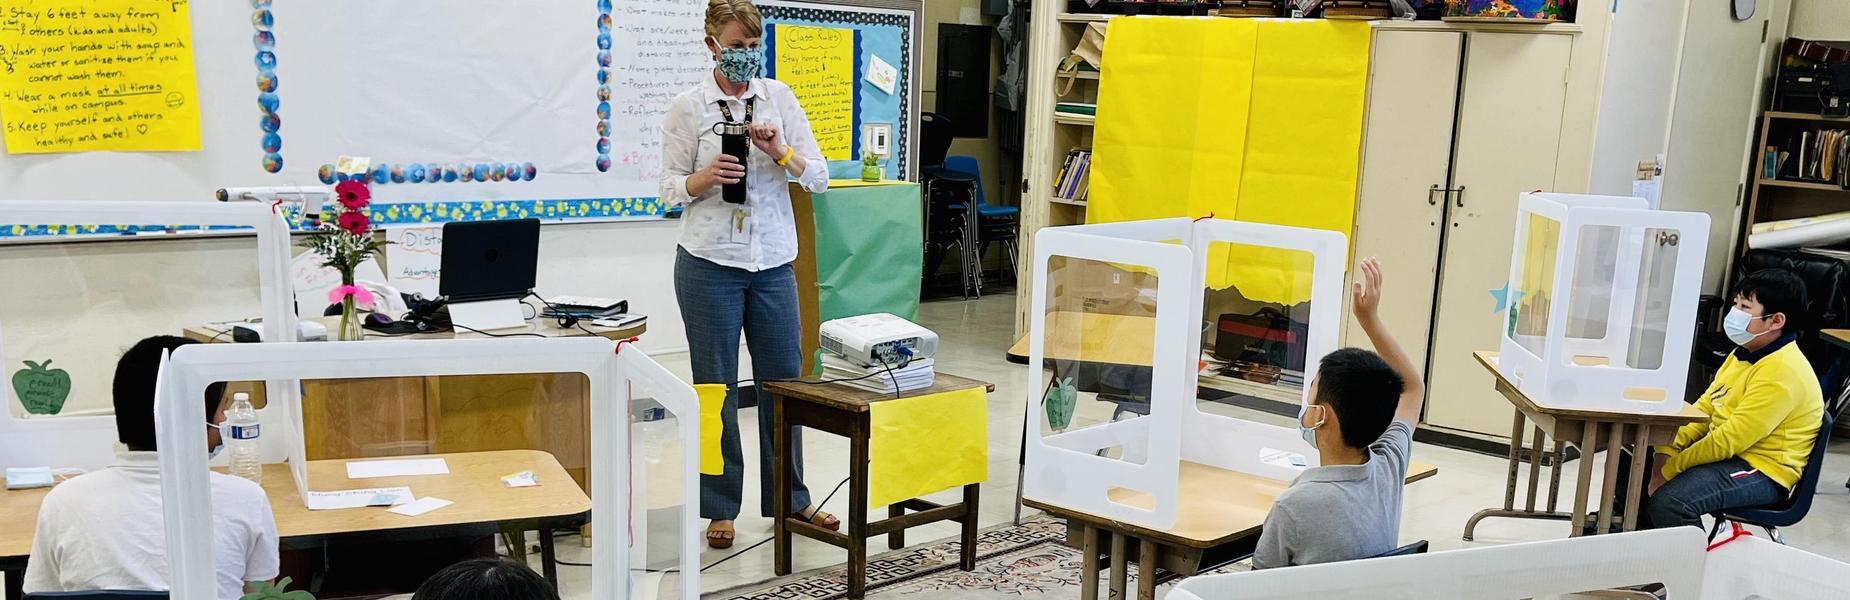 Ramona Students Learning